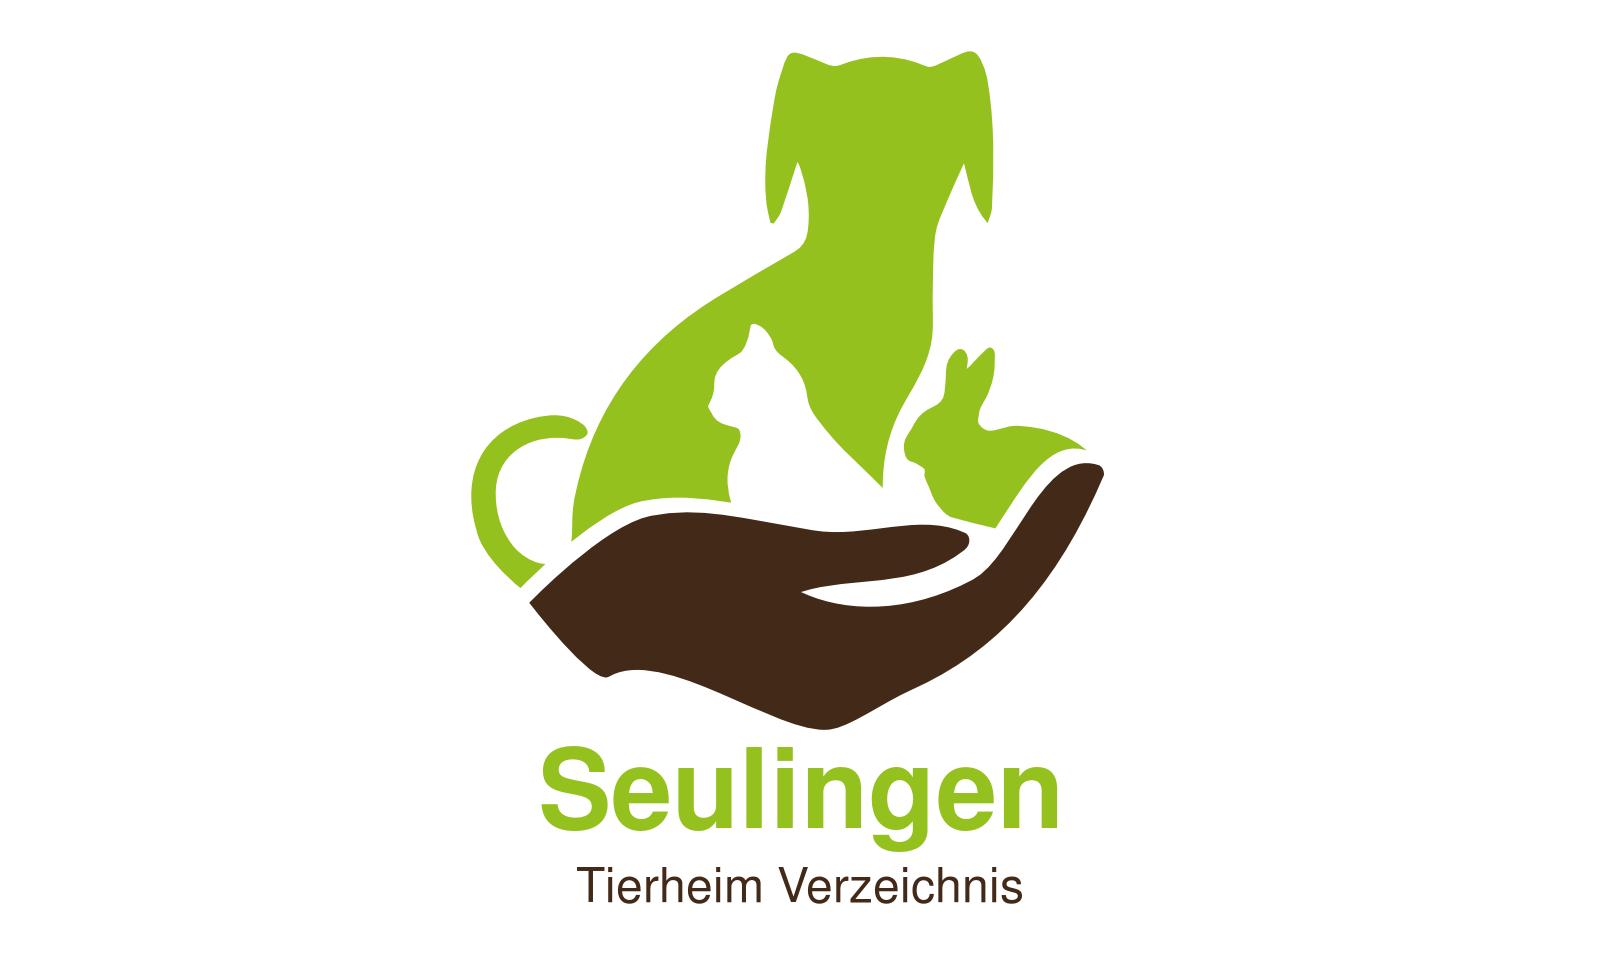 Tierheim Seulingen